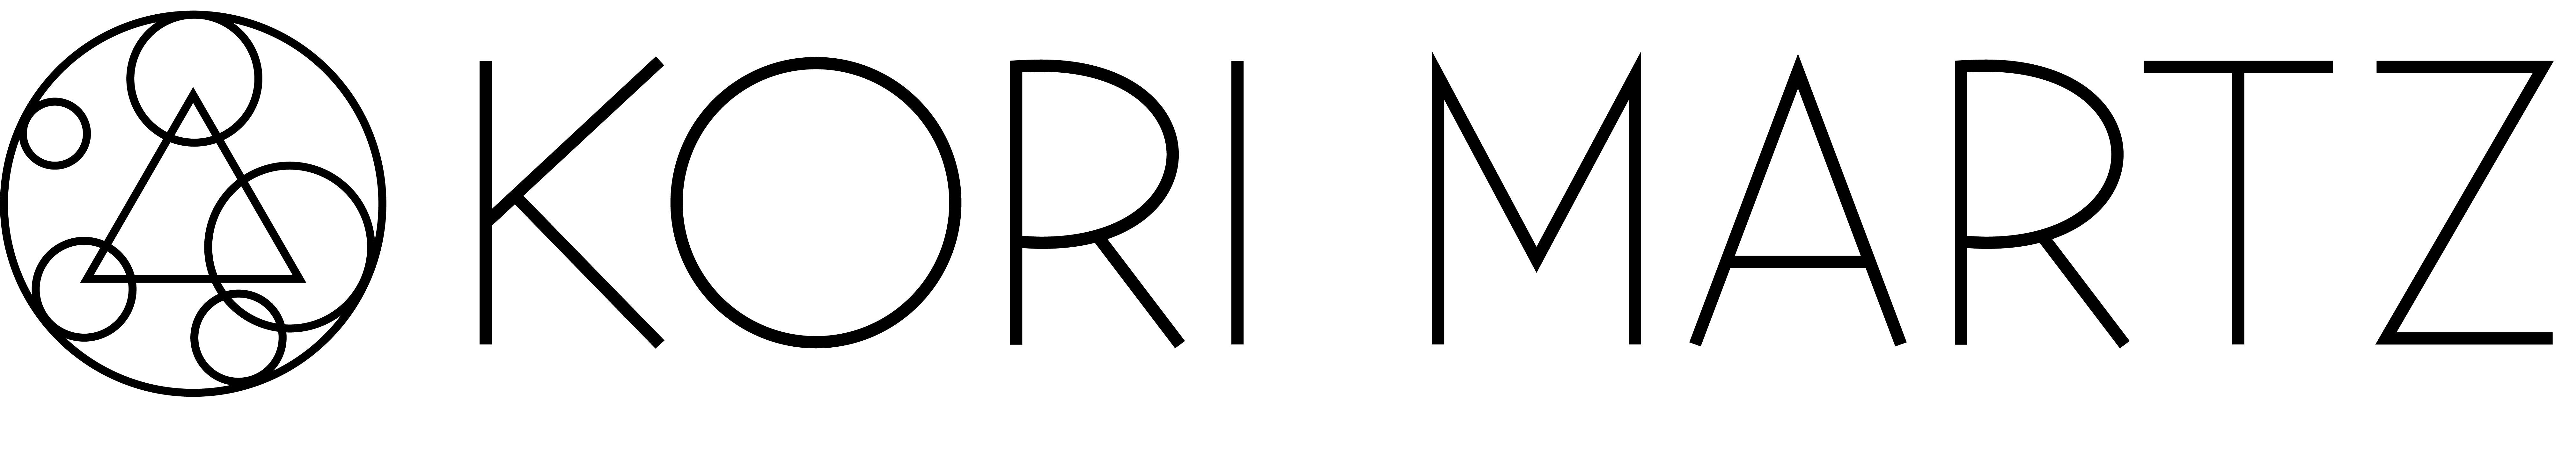 KORI logo